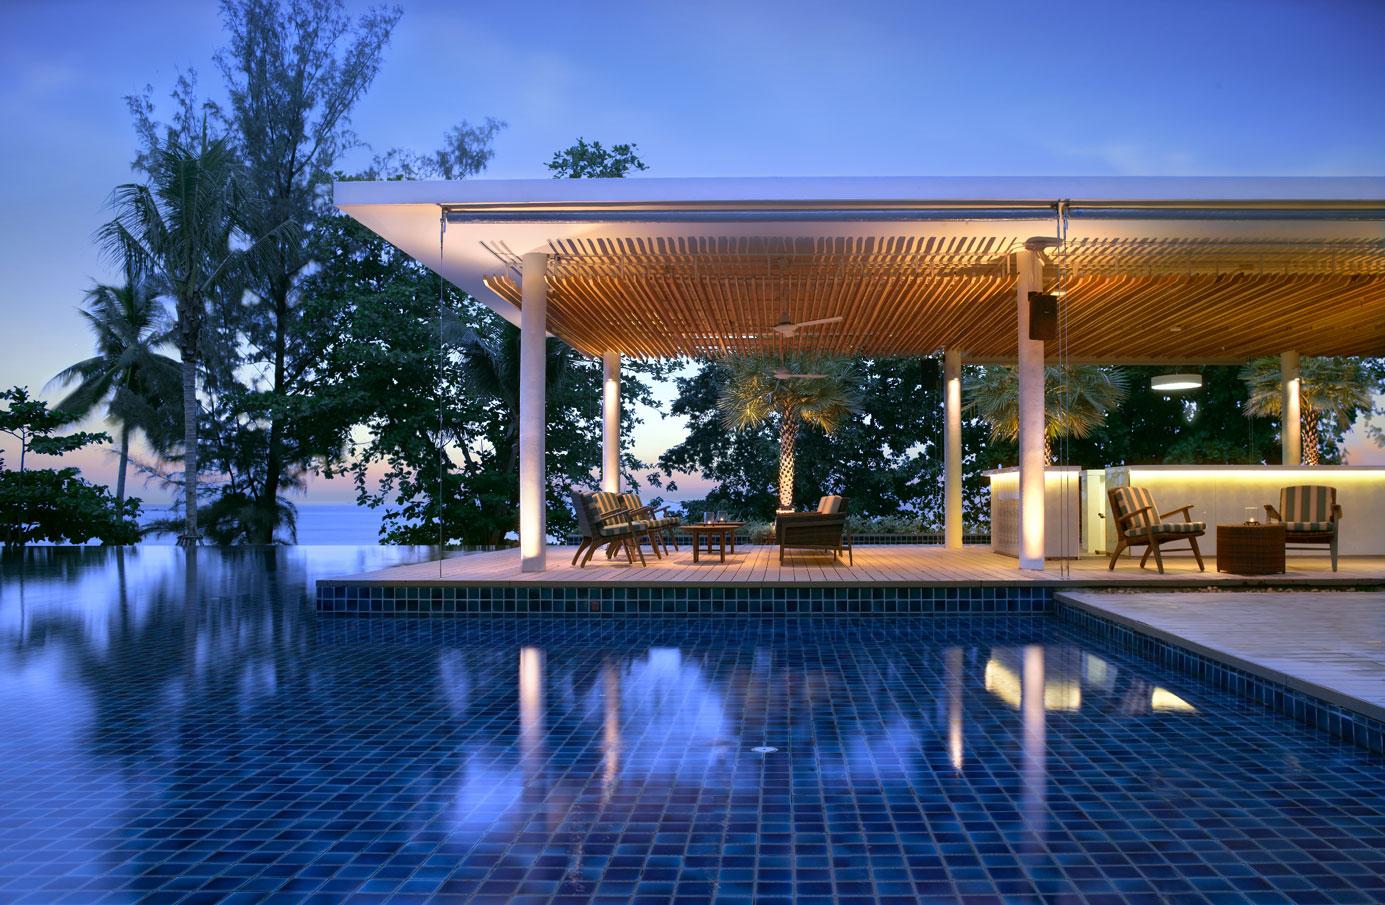 010—Hyatt-Regency-Phuket-Resort—The-Pool-Bar